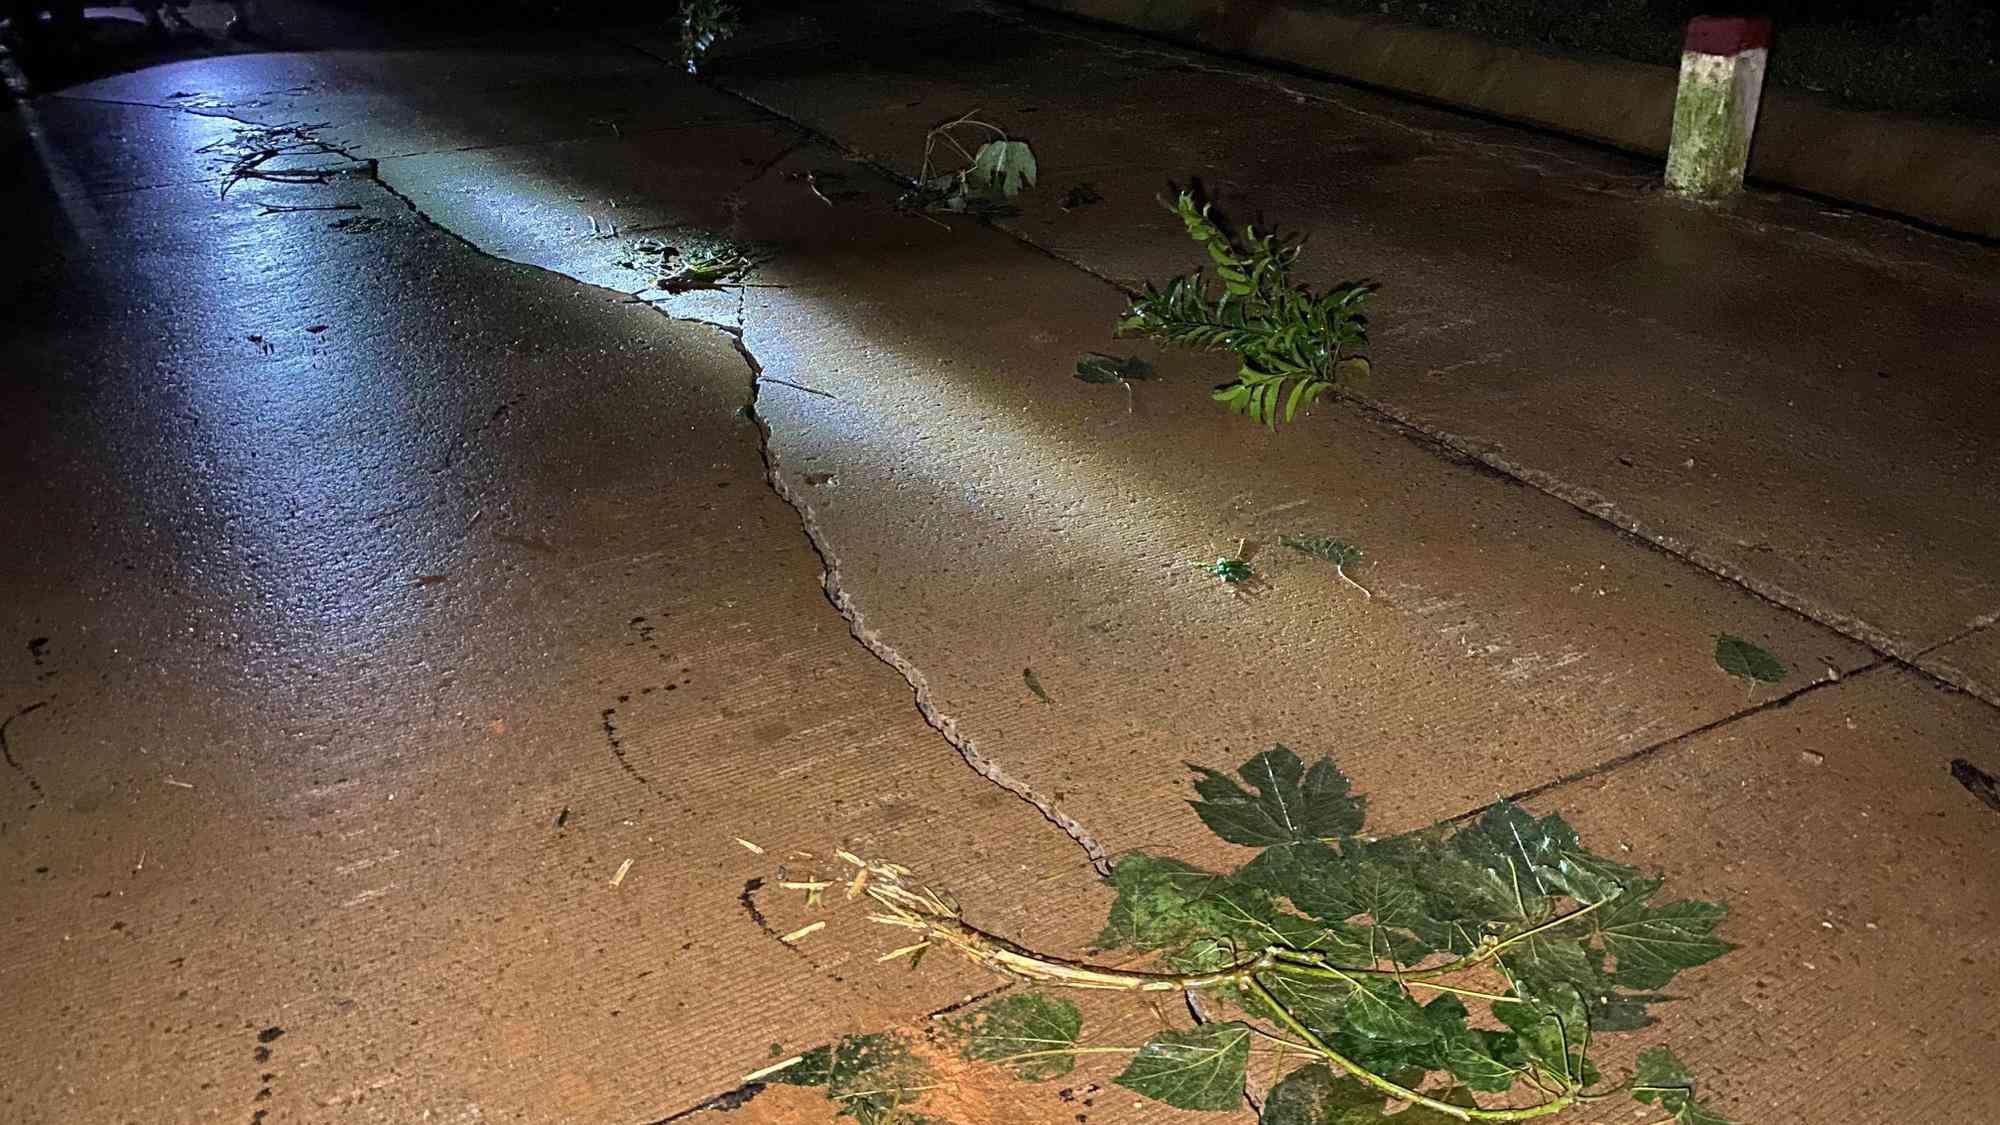 Lại xuất hiện tiếng nổ cạnh nơi tìm kiếm 22 cán bộ, chiến sĩ bị vùi lấp ở Quảng Trị - 3